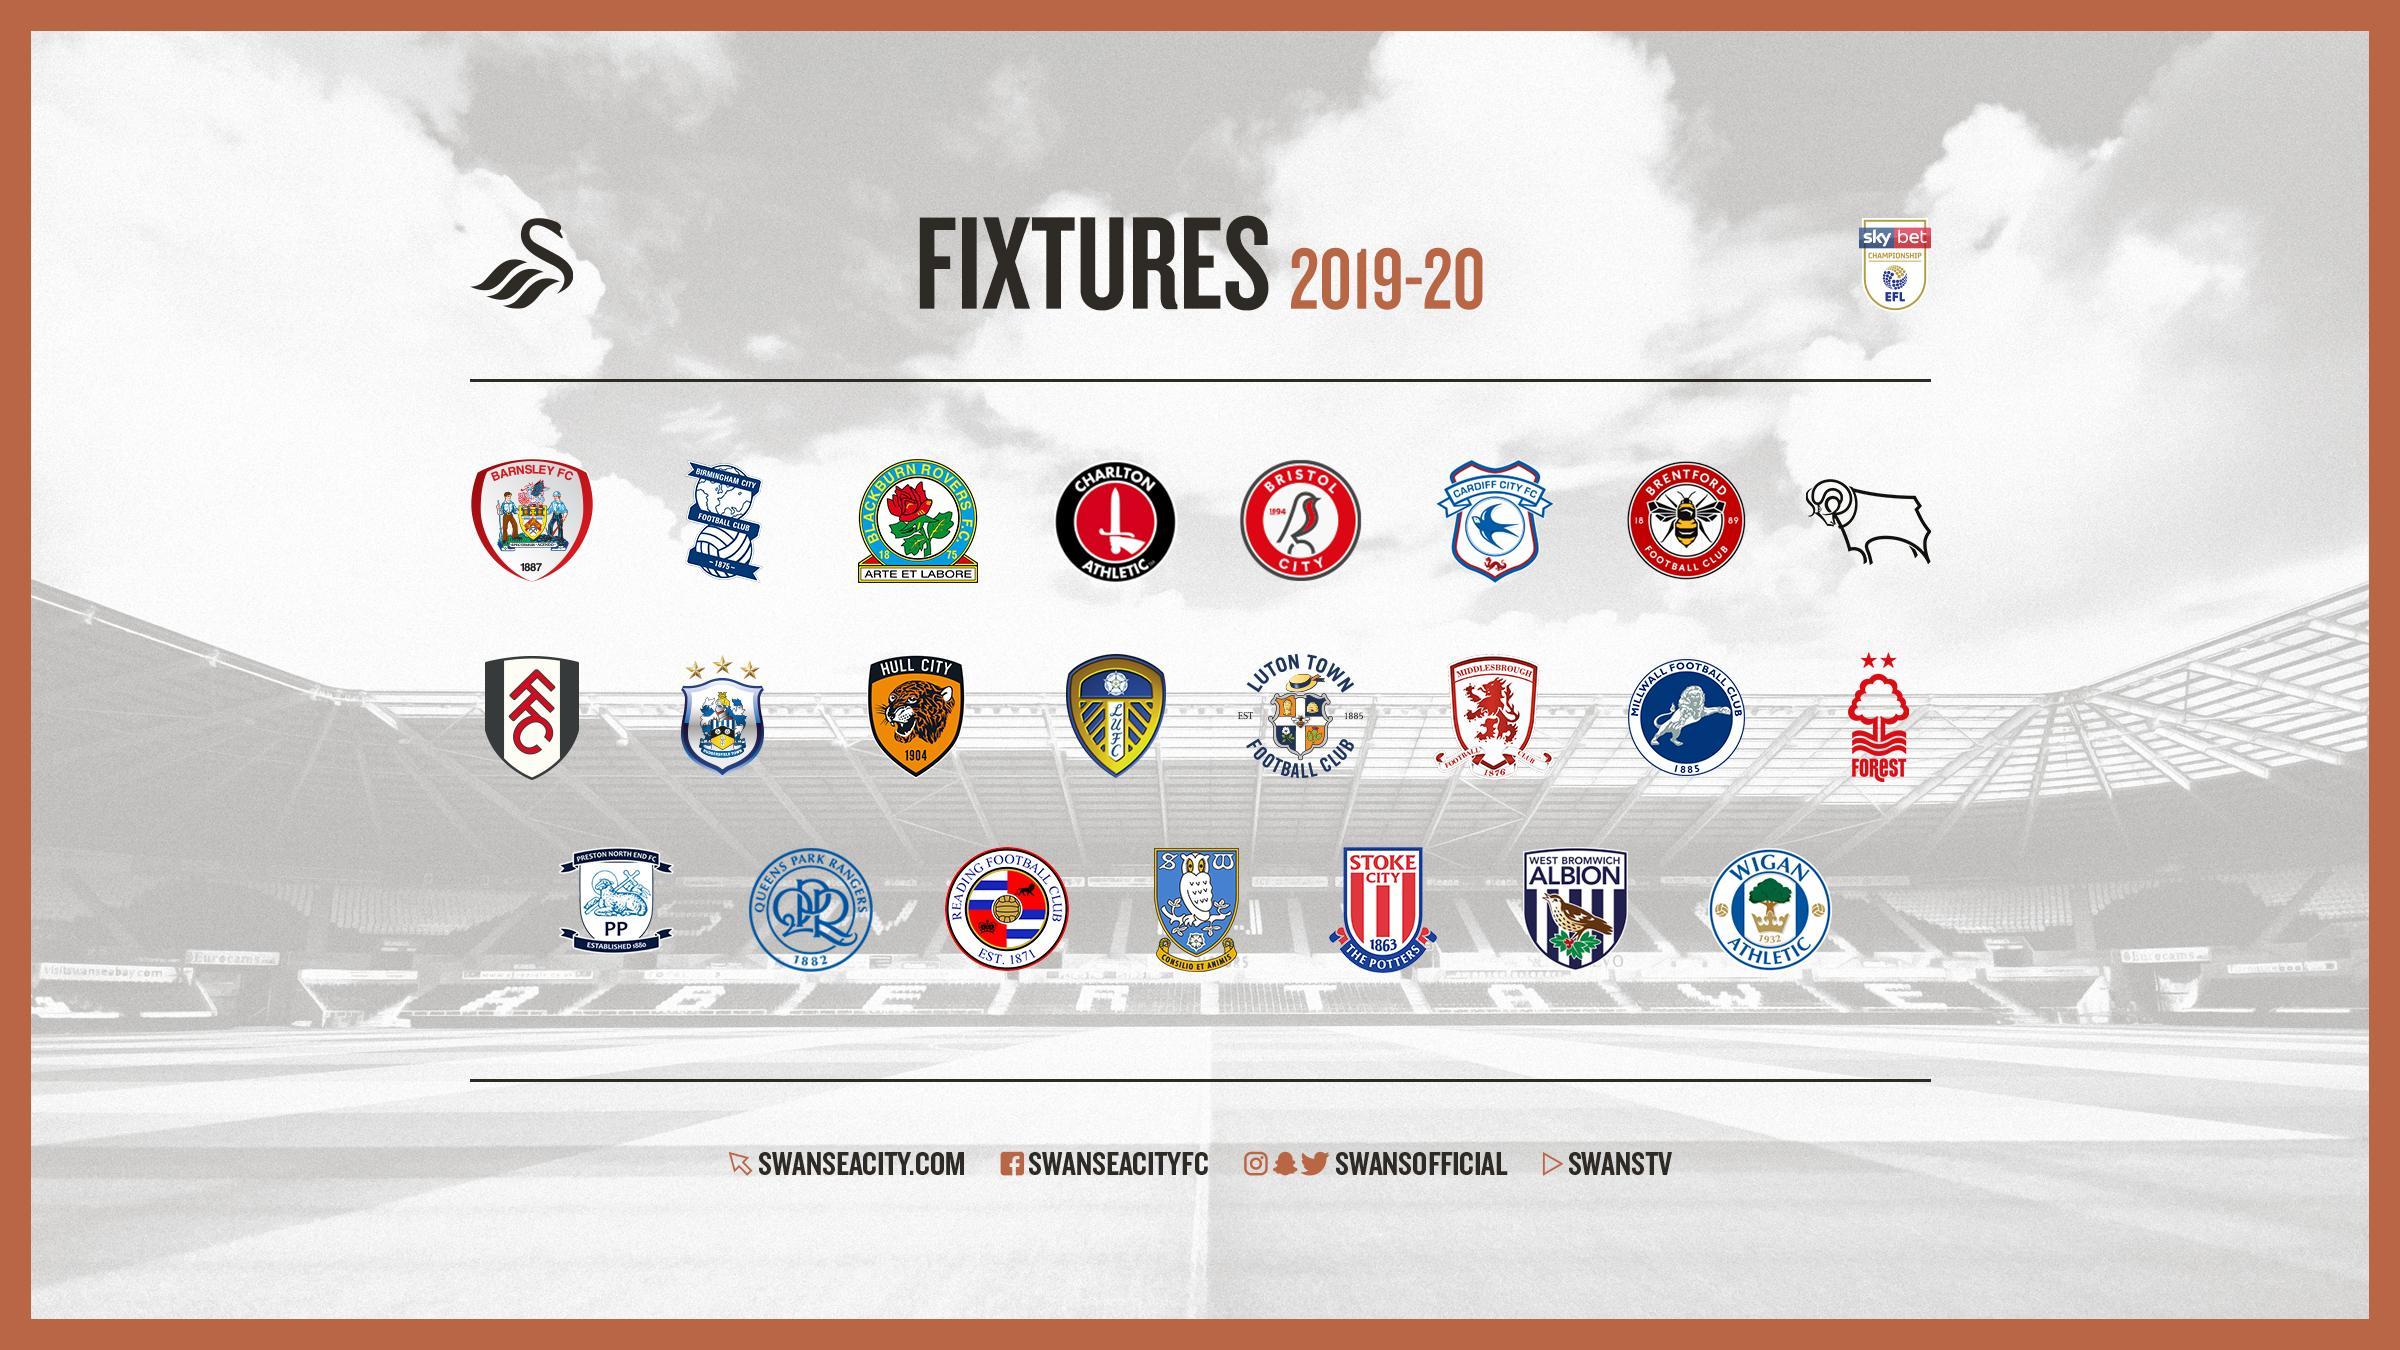 Swansea City fixtures released | Swansea